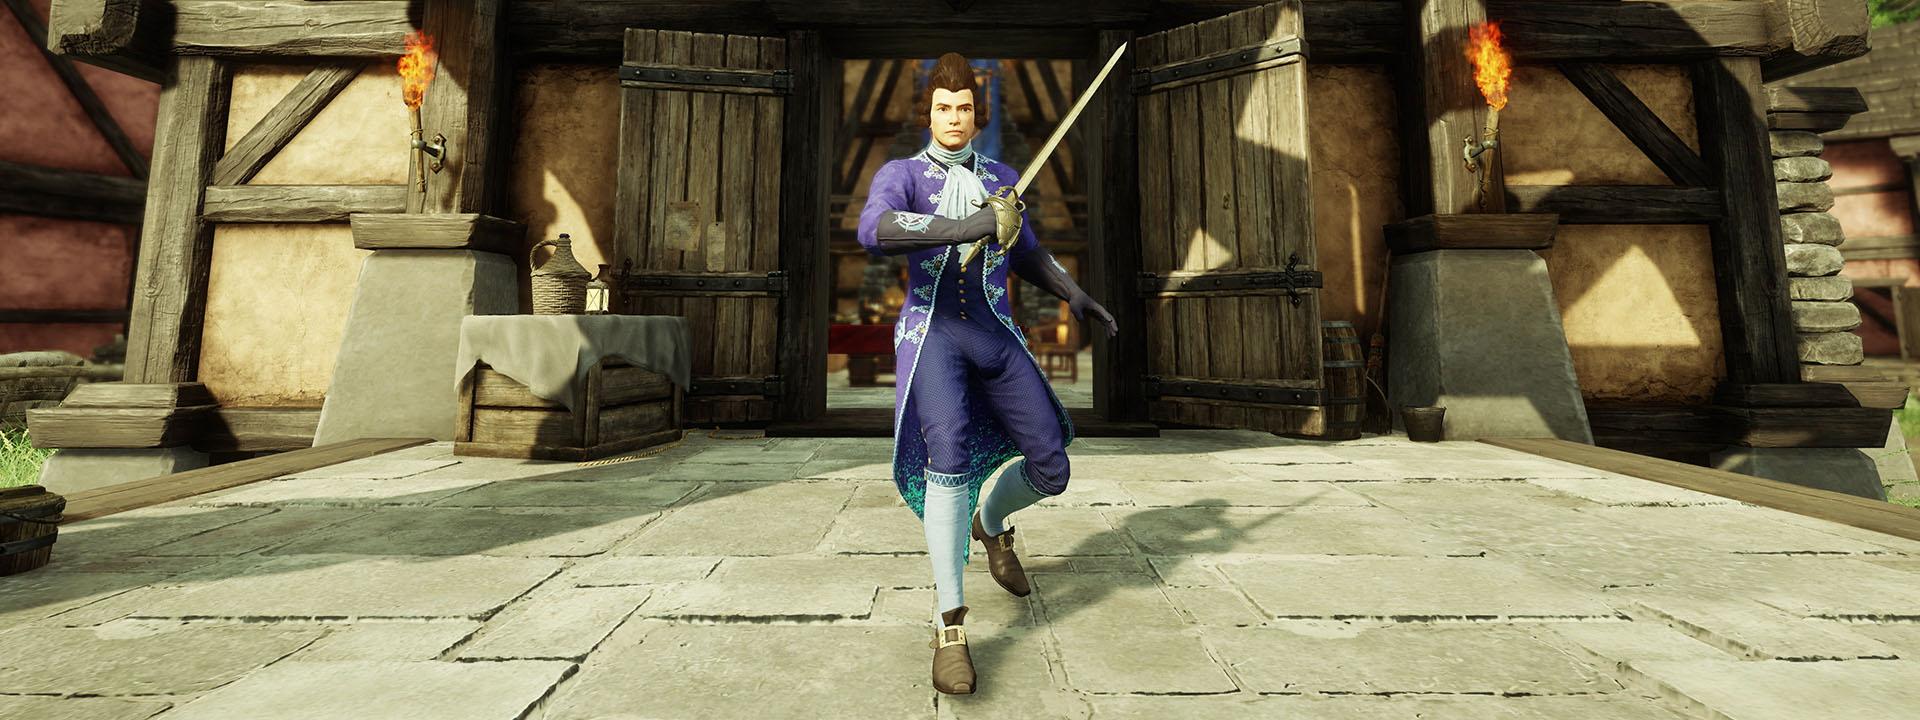 Ein Screenshot eines Mannes in eleganter lila Kleidung im Regency-Stil, der aus einem Gebäude kommt und sein Rapier wie zum Kampf hält.